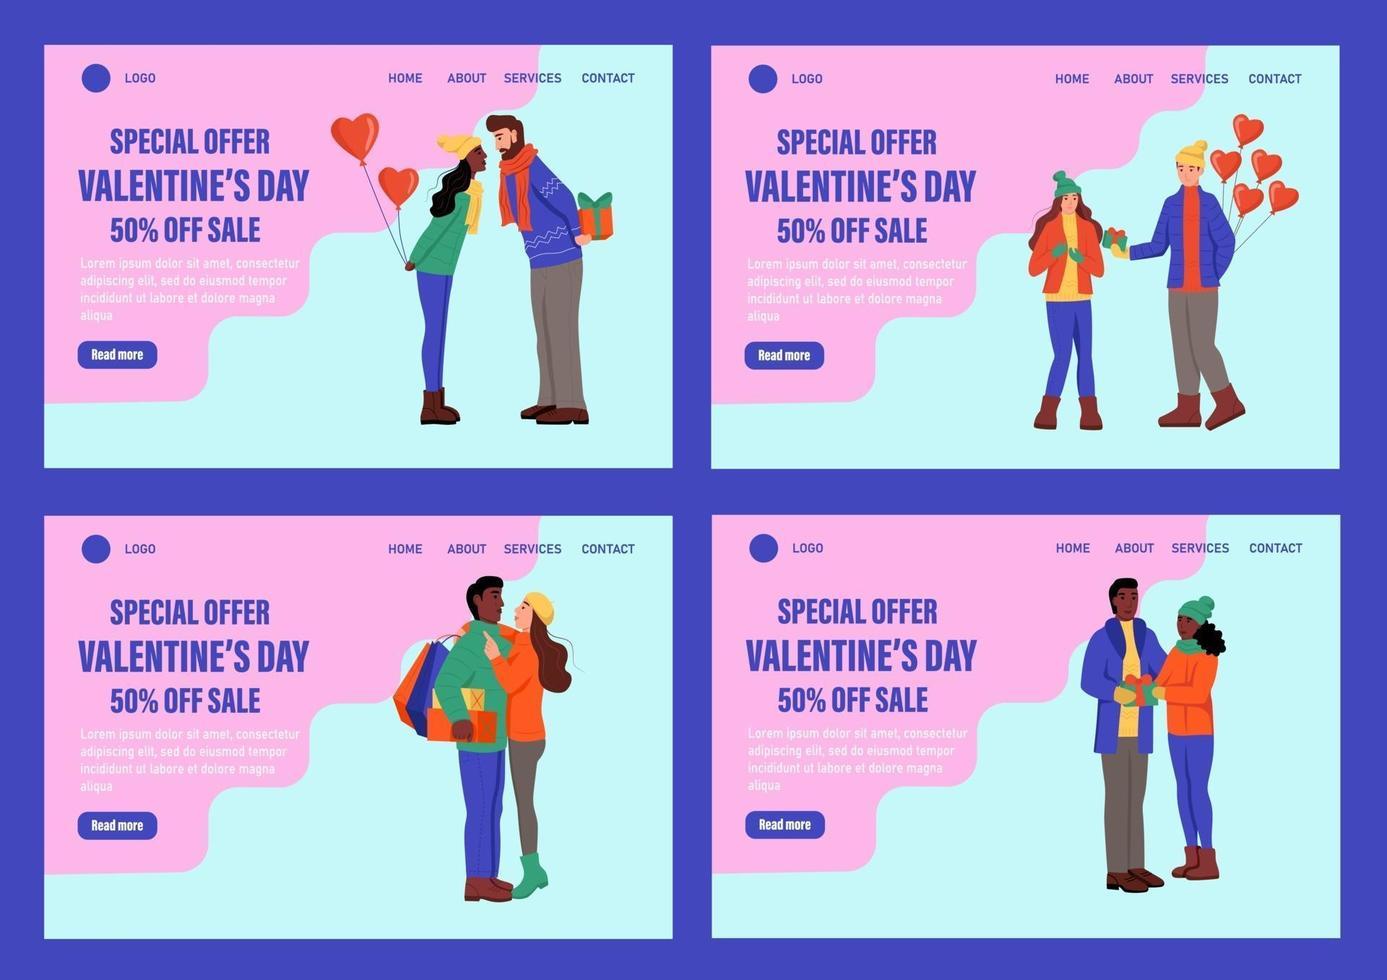 specialerbjudande alla hjärtans dag målsida vektor mall set. älskande par i vinterkläder med ballonger utbyter gåvor. fira traditionell webbevenemang för vinterevenemang. platt vektorillustration